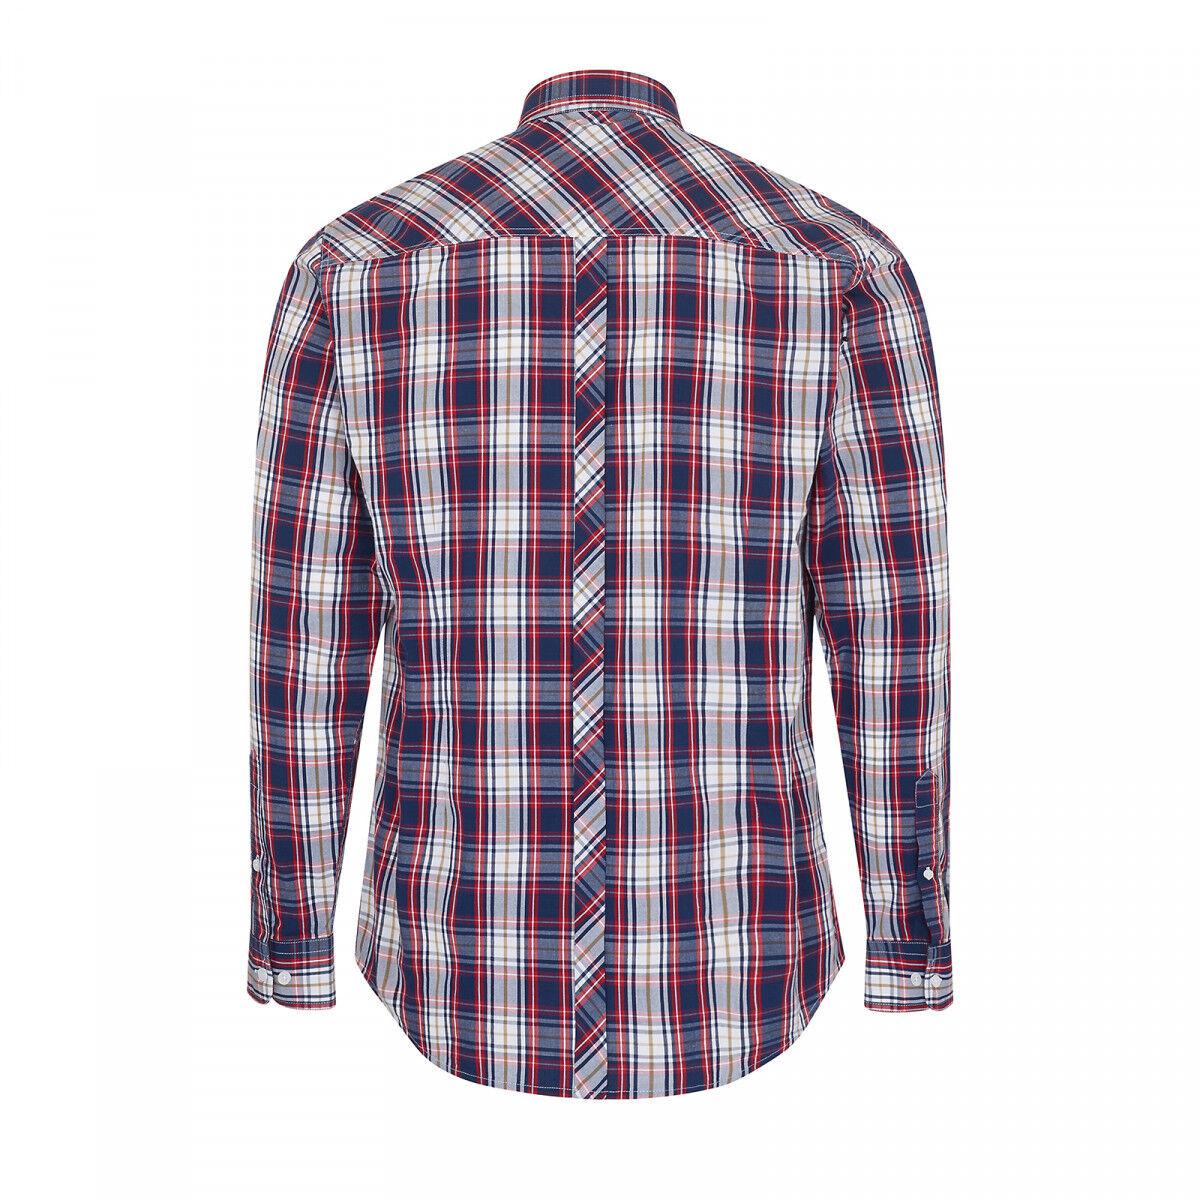 MERC LONDON pour hommes Femmeches longues chemise à rouge carreaux - Frank rouge à / Bleu 31ee91